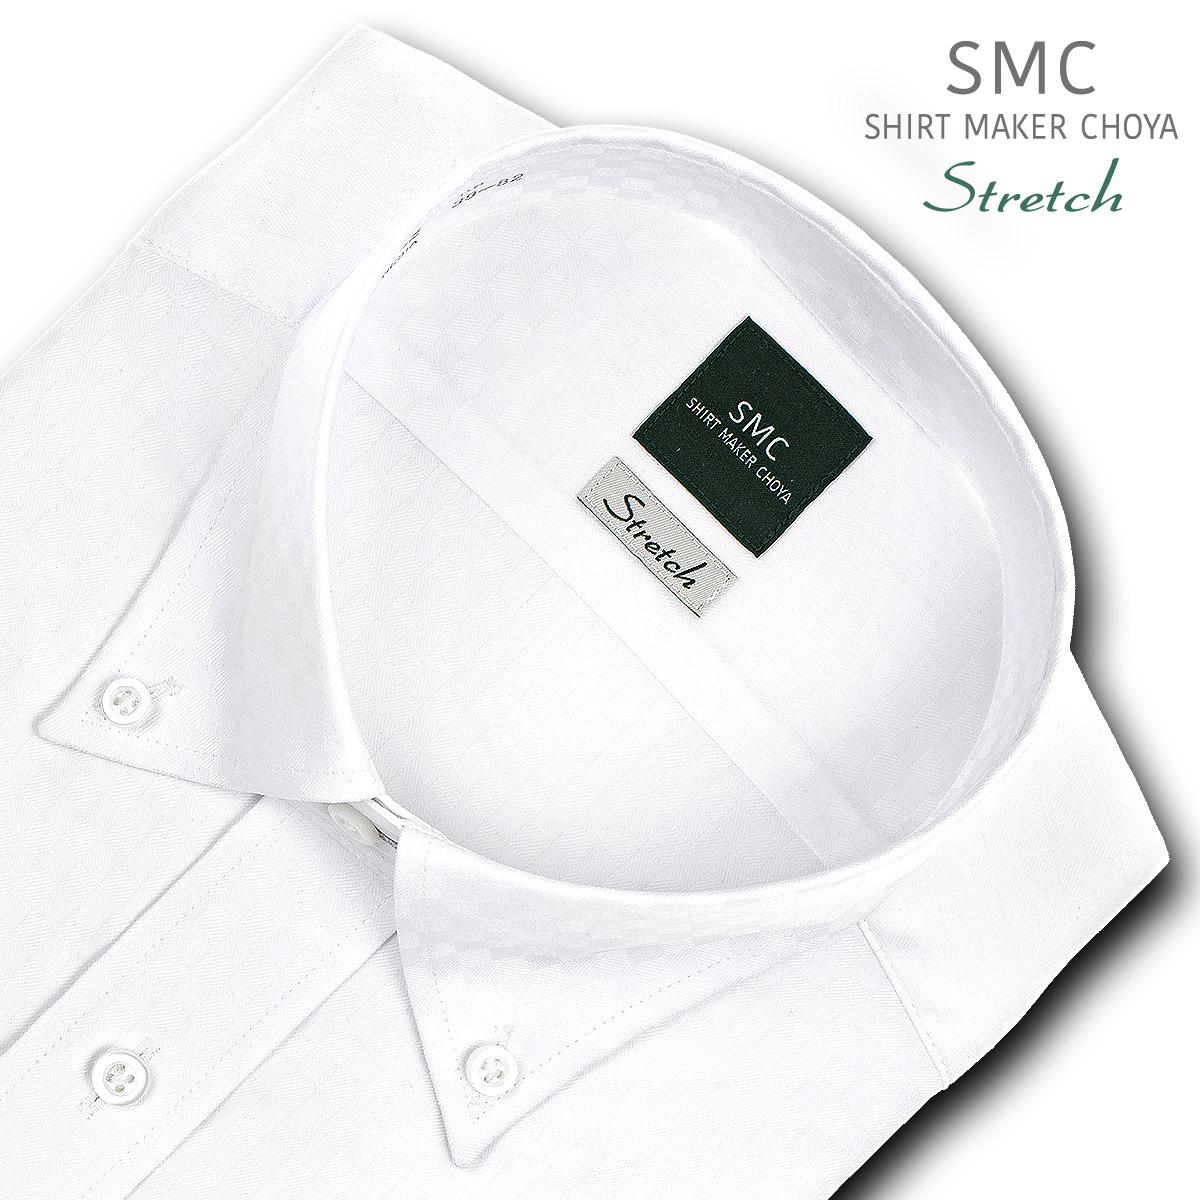 SHIRT MAKER CHOYA Stretch 長袖 ワイシャツ メンズ 春夏秋冬 形態安定加工 ストレッチ 標準体 市松模様白ドビー ボタンダウンシャツ|綿:65% ポリエステル:35% ホワイト(cmd931-200)